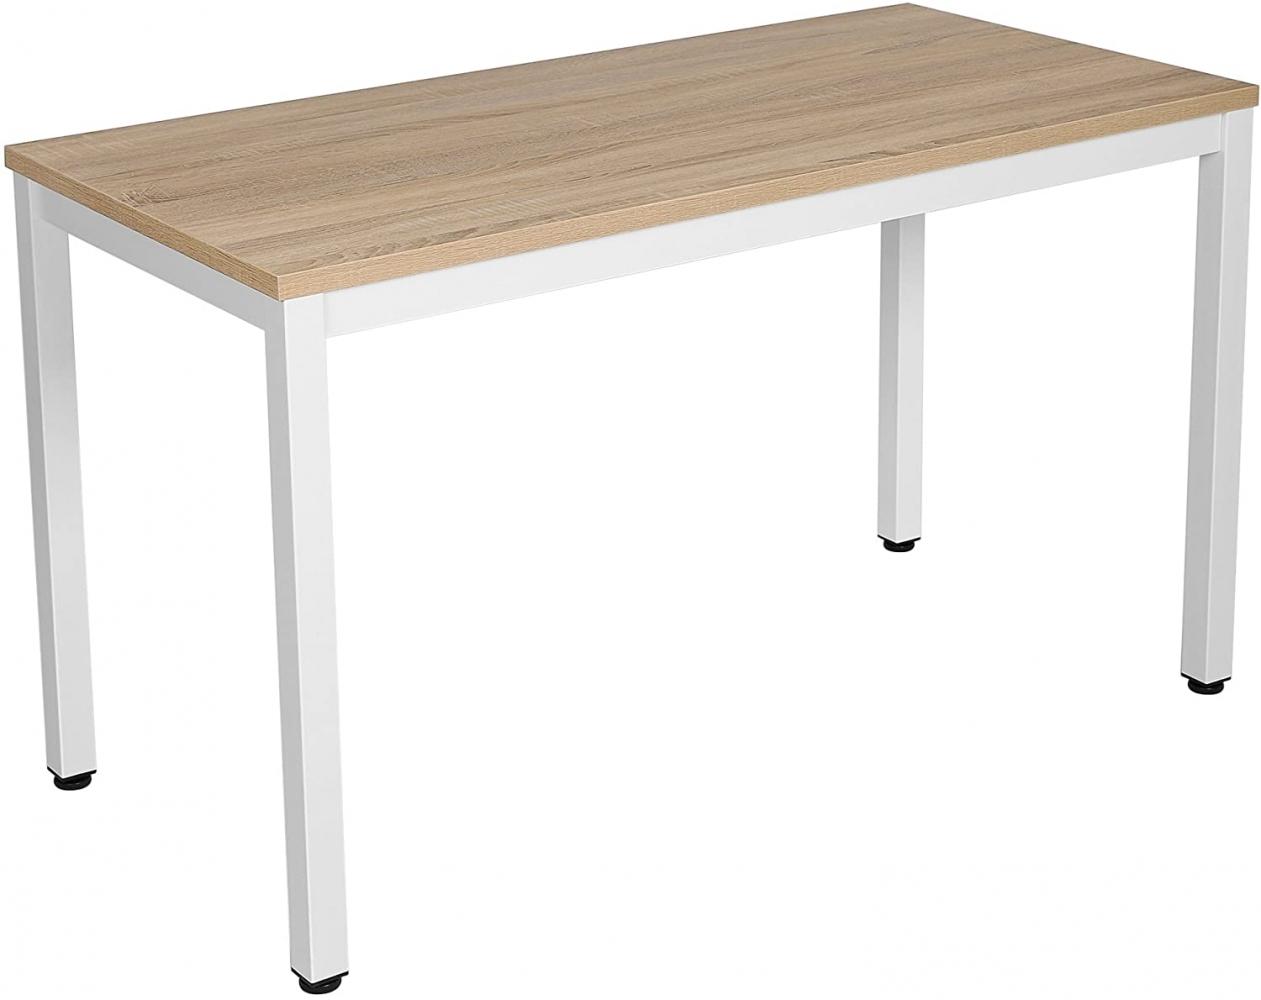 Kancelářský stůl Dolly, 120 cm, bílá